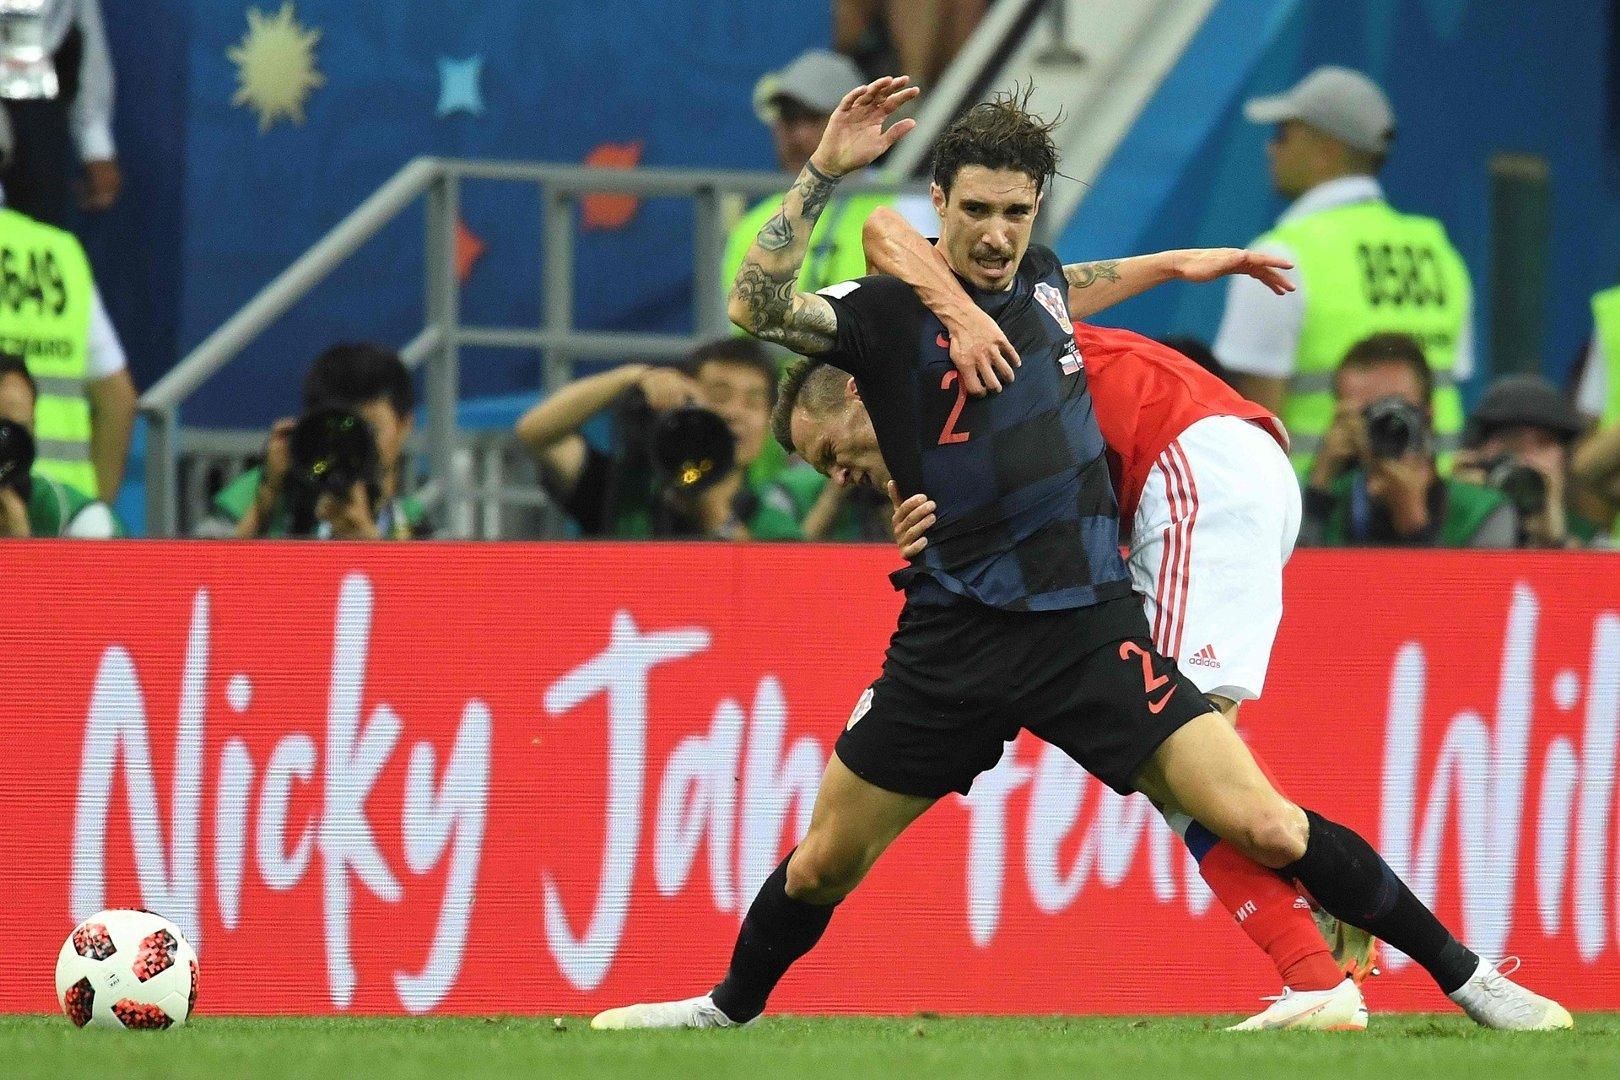 2ca316a2c Mundial 2018. Mecz Chorwacja - Anglia ONLINE. Gdzie oglądać w telewizji?  Transmisja na